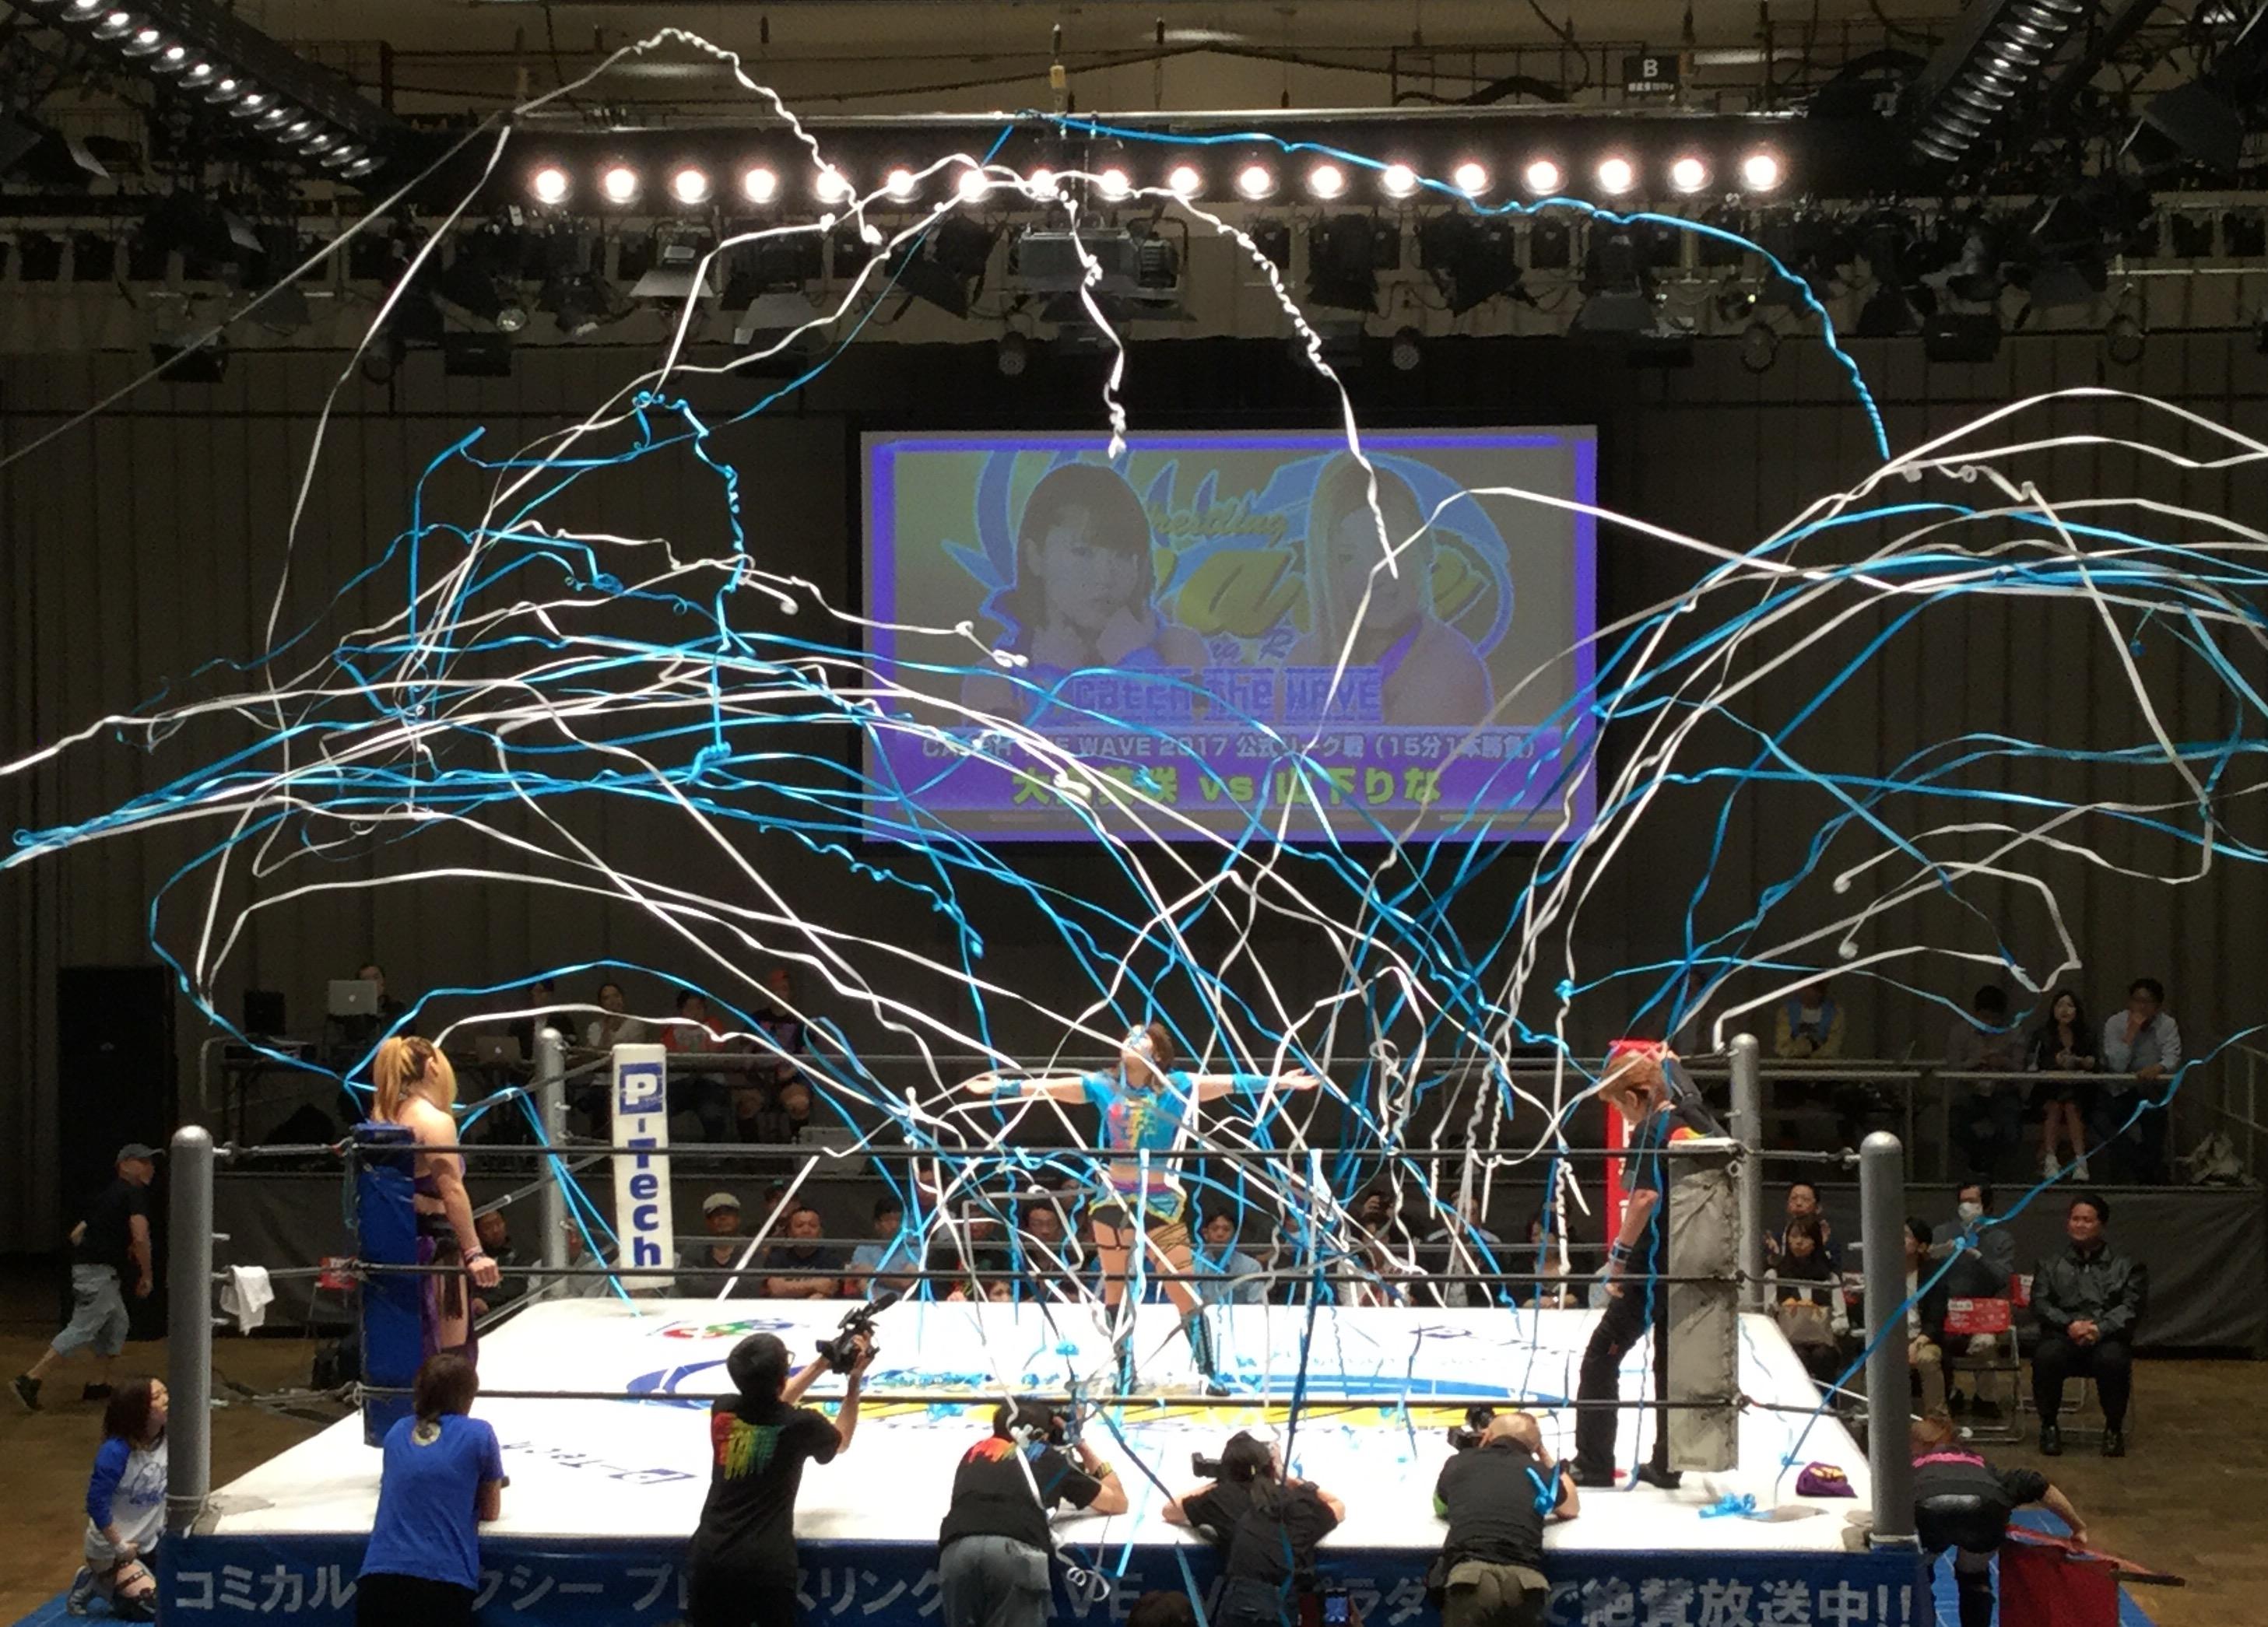 【プロレスリングWAVE】5.3後楽園大会 CATCH THE WAVEは大畠、春日、Sareeeが勝利/夏がYシャツマッチに藤田あかねを勧誘/シングル・タッグが急遽タイトルマッチに